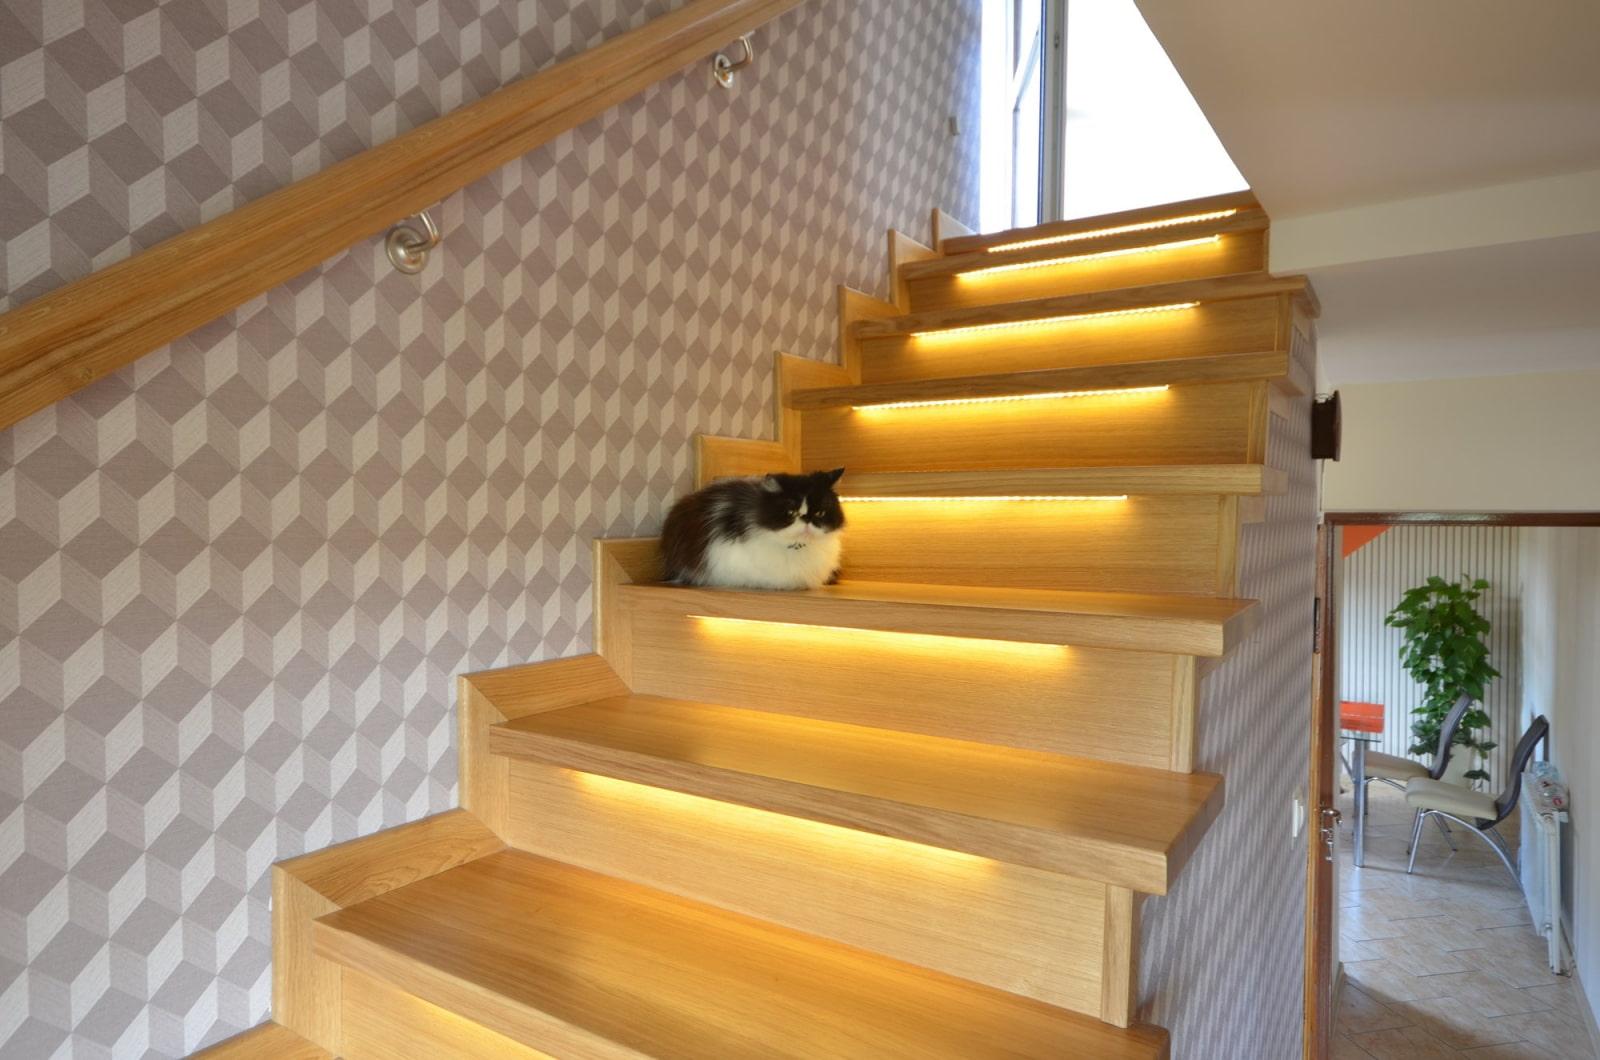 подсветка лестницы в доме светодиодными лентами